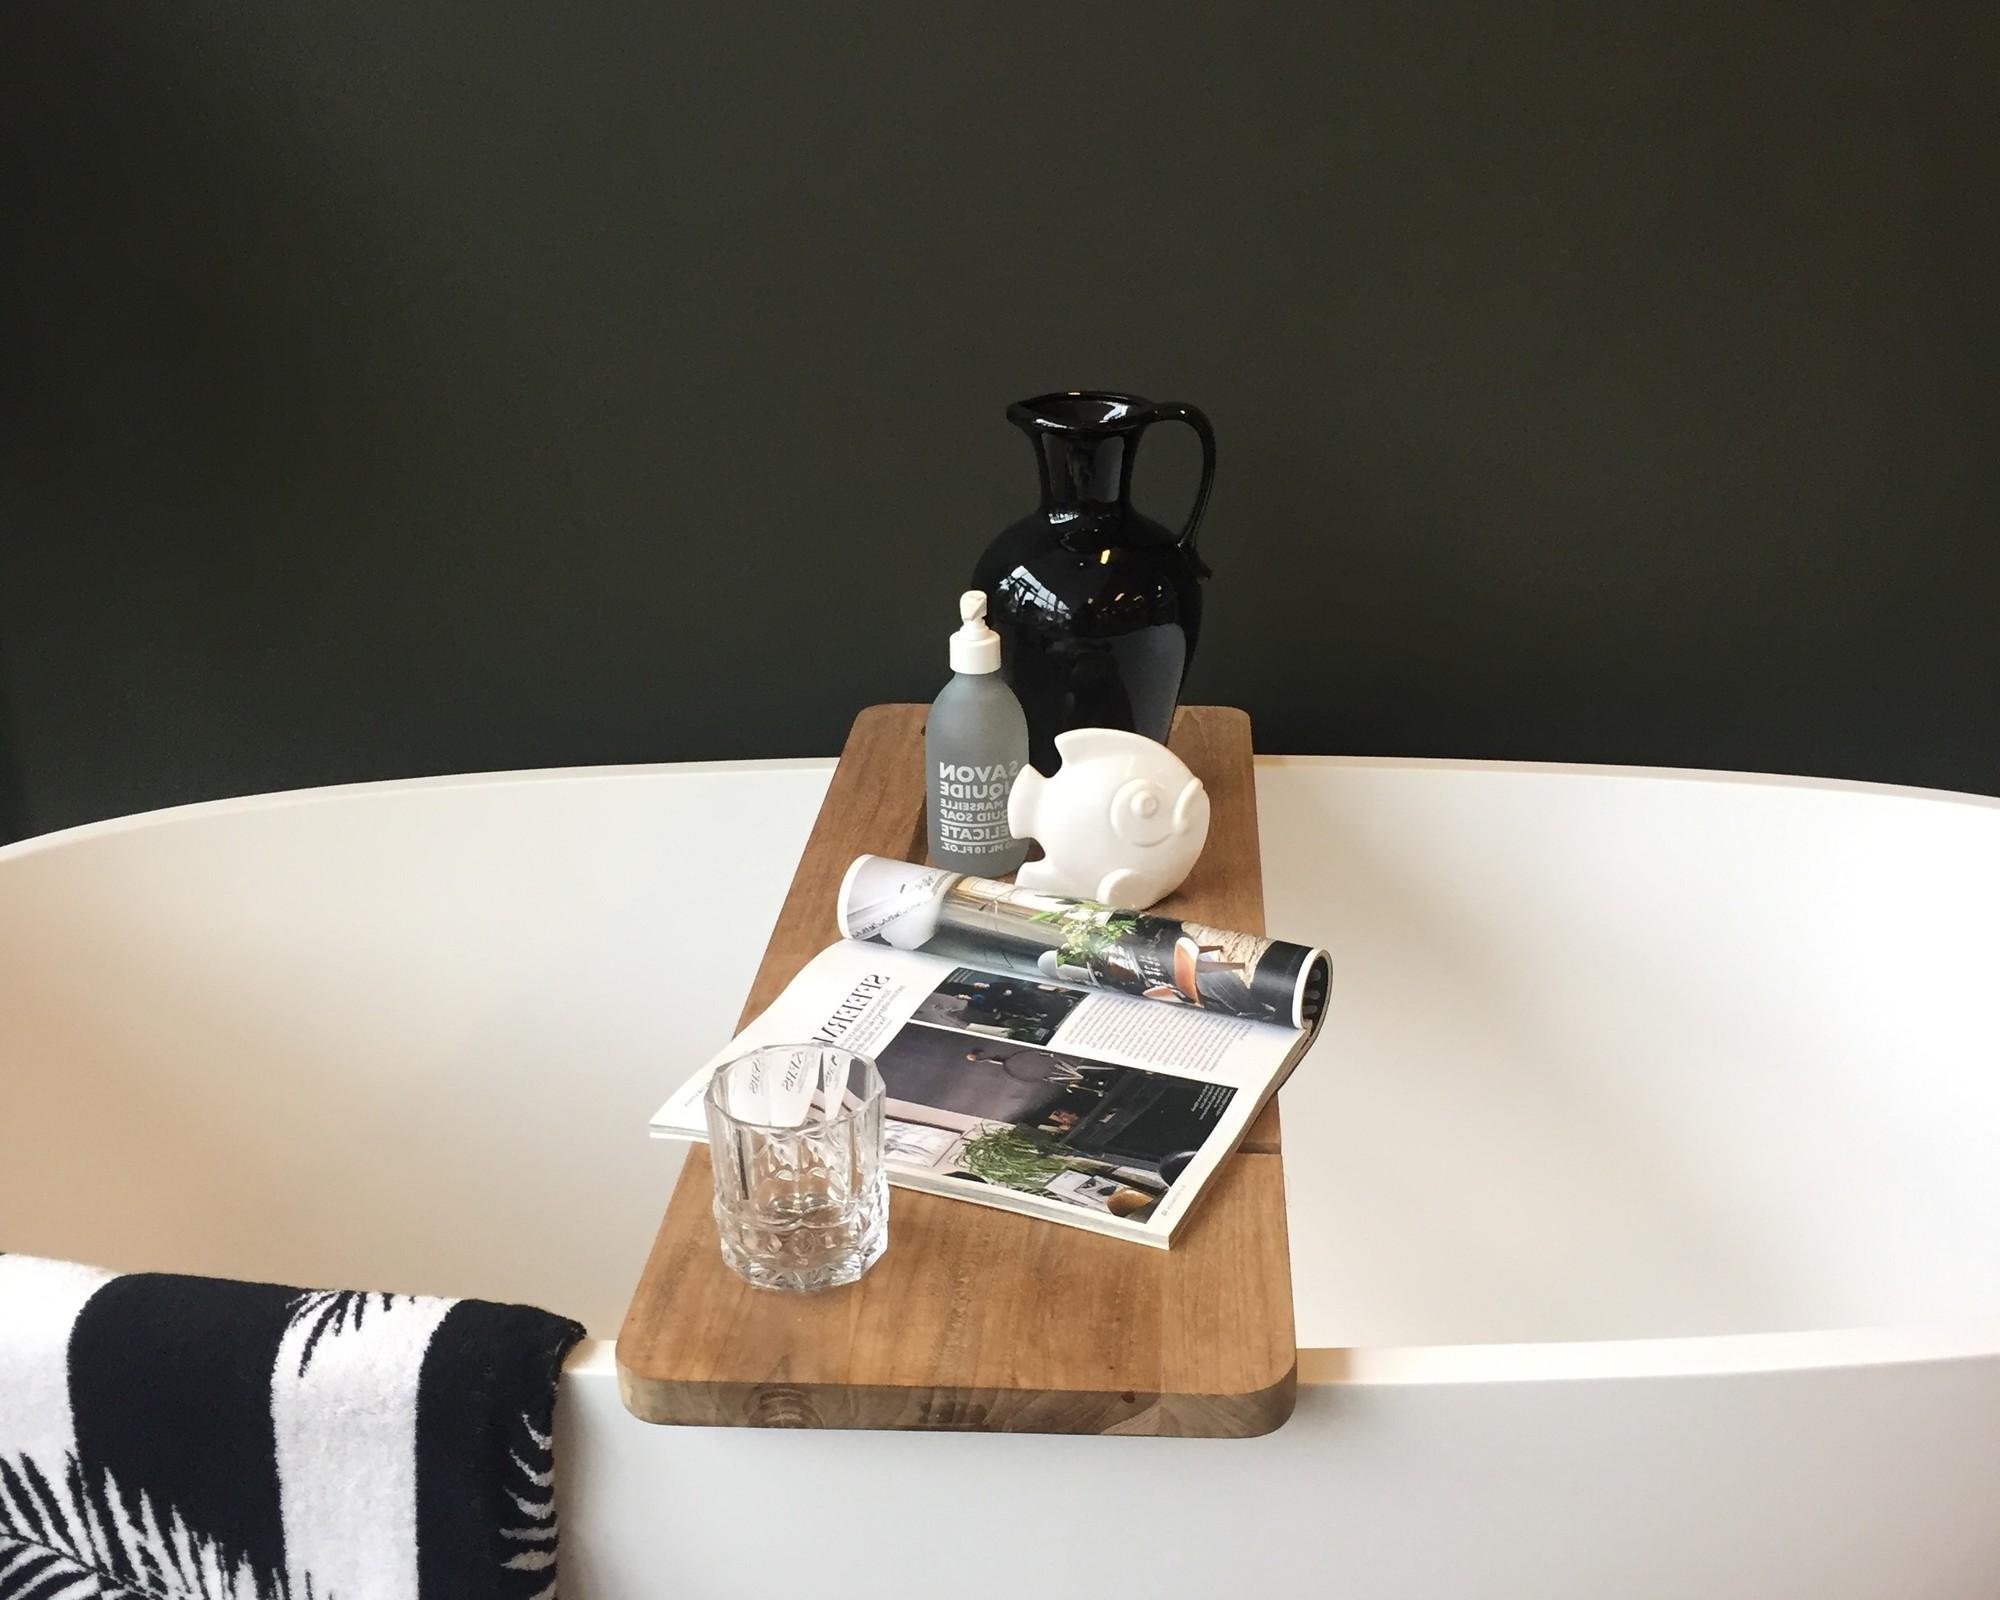 Alle klusjes die je in deze tijd perfect kunt uitvoeren in je badkamer en keuken